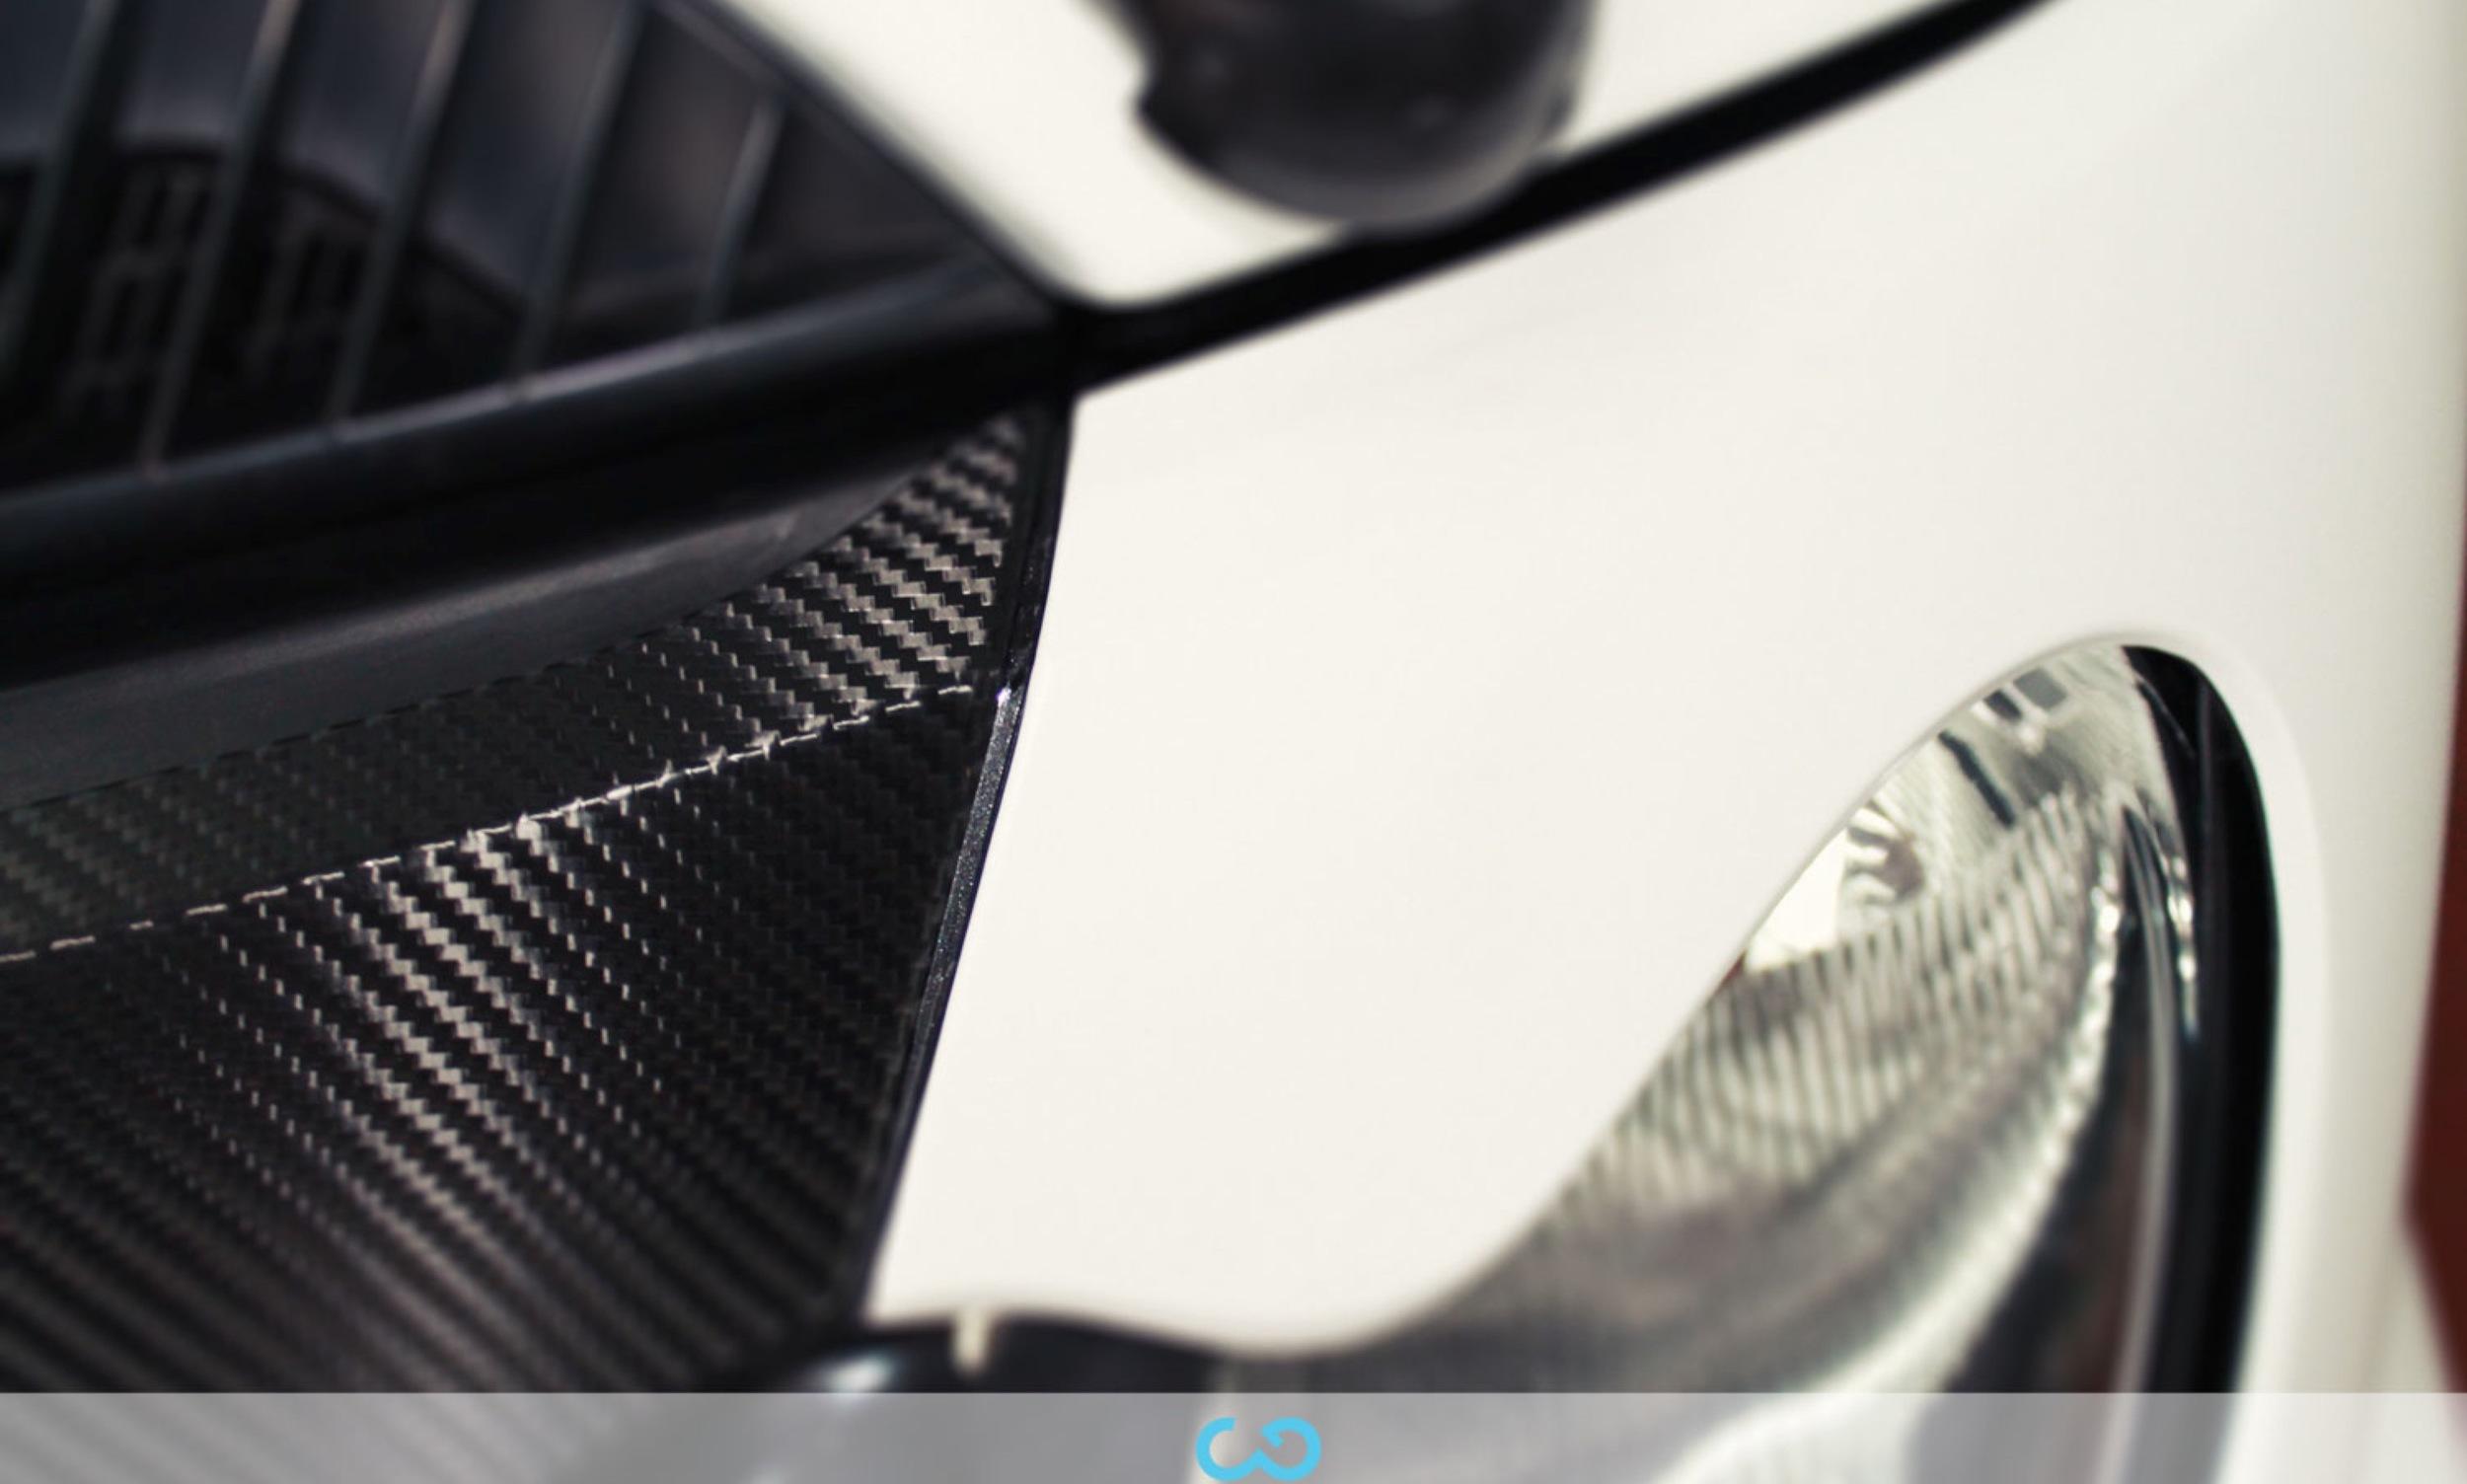 autofolierung-car-wrapping-3-vollfolierung-teilfolierung-carbonfolie-smart-weiss-2012-10-12-4.jpg